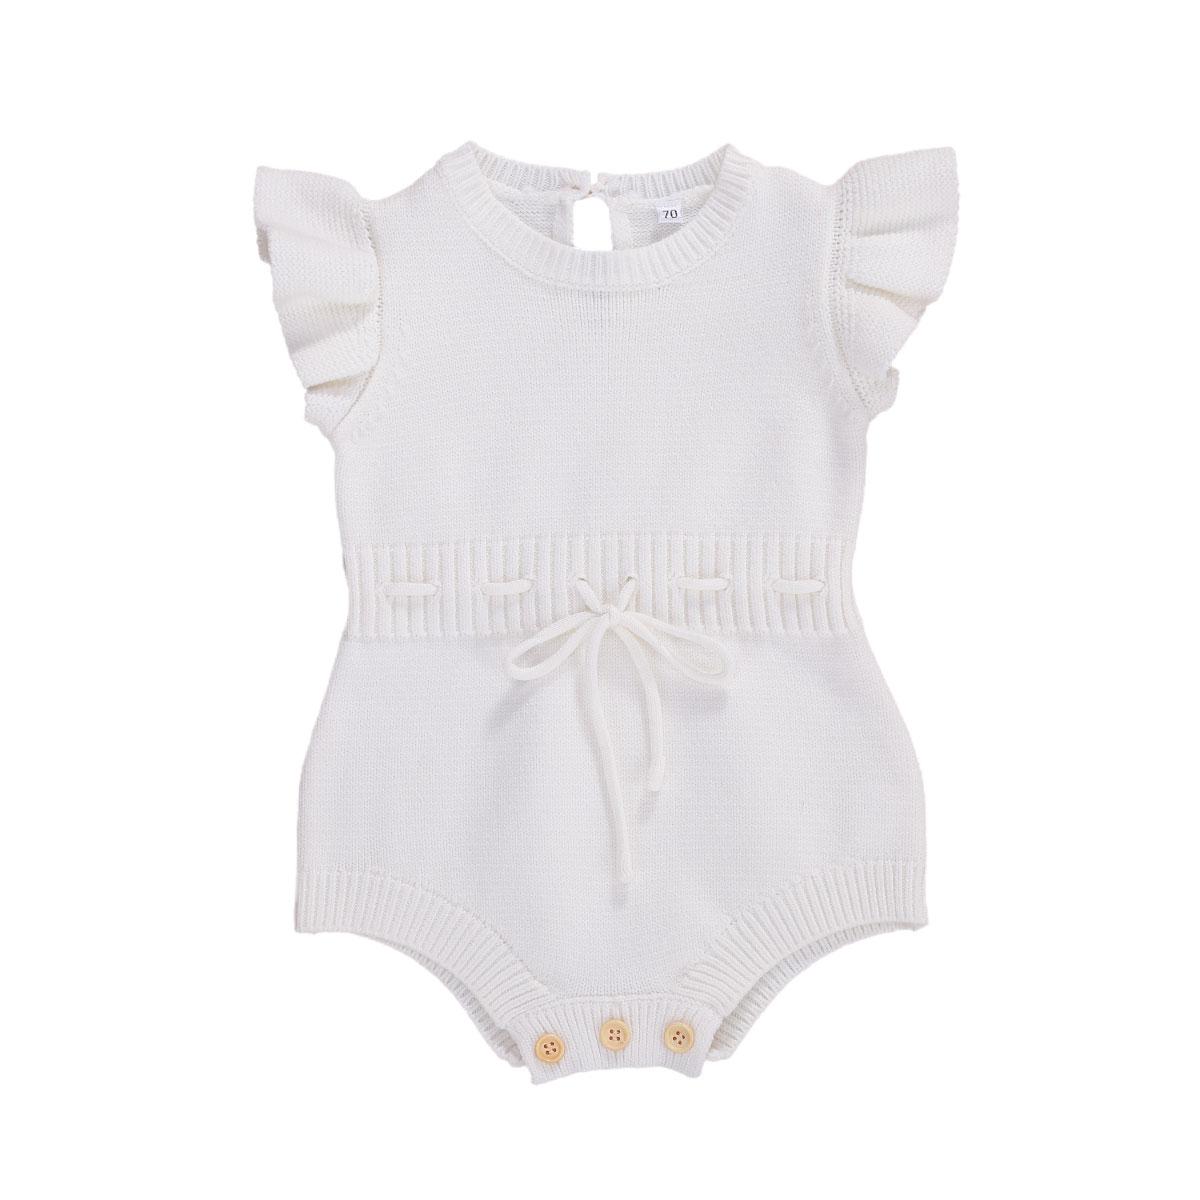 Pudcoco bebê recém-nascido roupas da menina do bebê malha macacão roupas de verão topos babados playsuit macacão bandana outfits